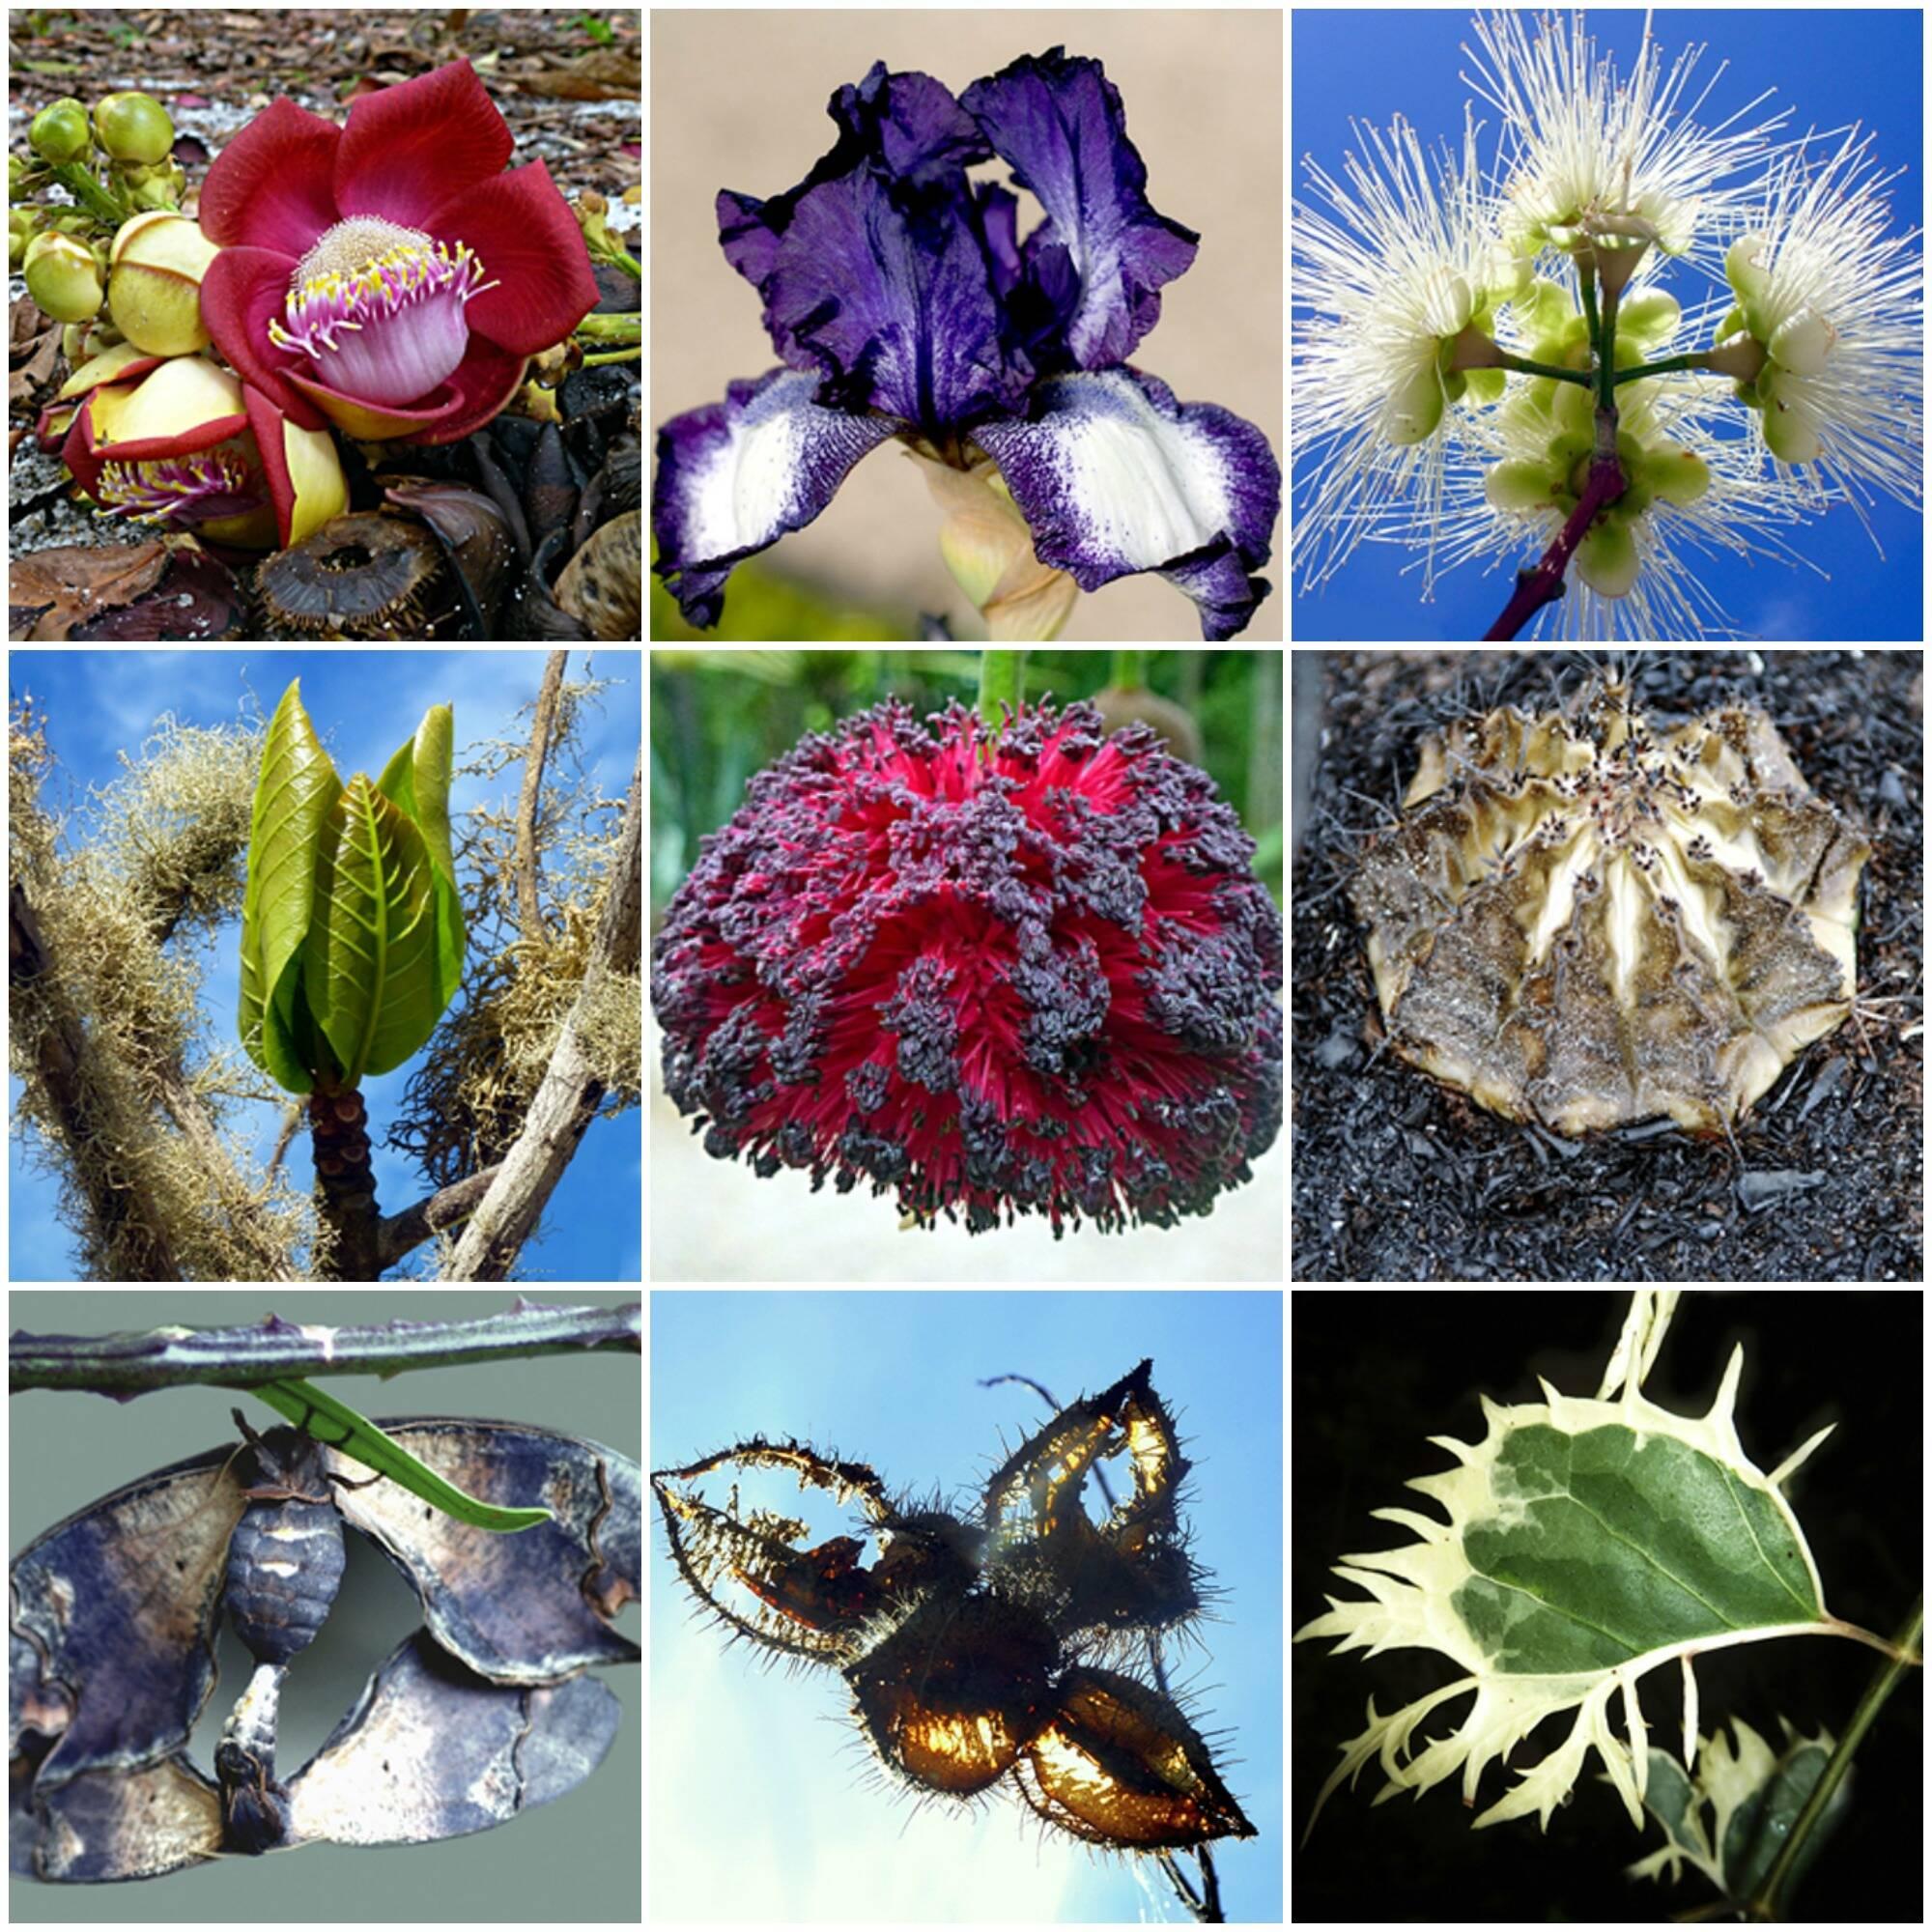 As plantas e flores fotografas por Krajcberg são do seu sítio Natura, em Nova Viçosa, Bahia / Fotos: divulgação